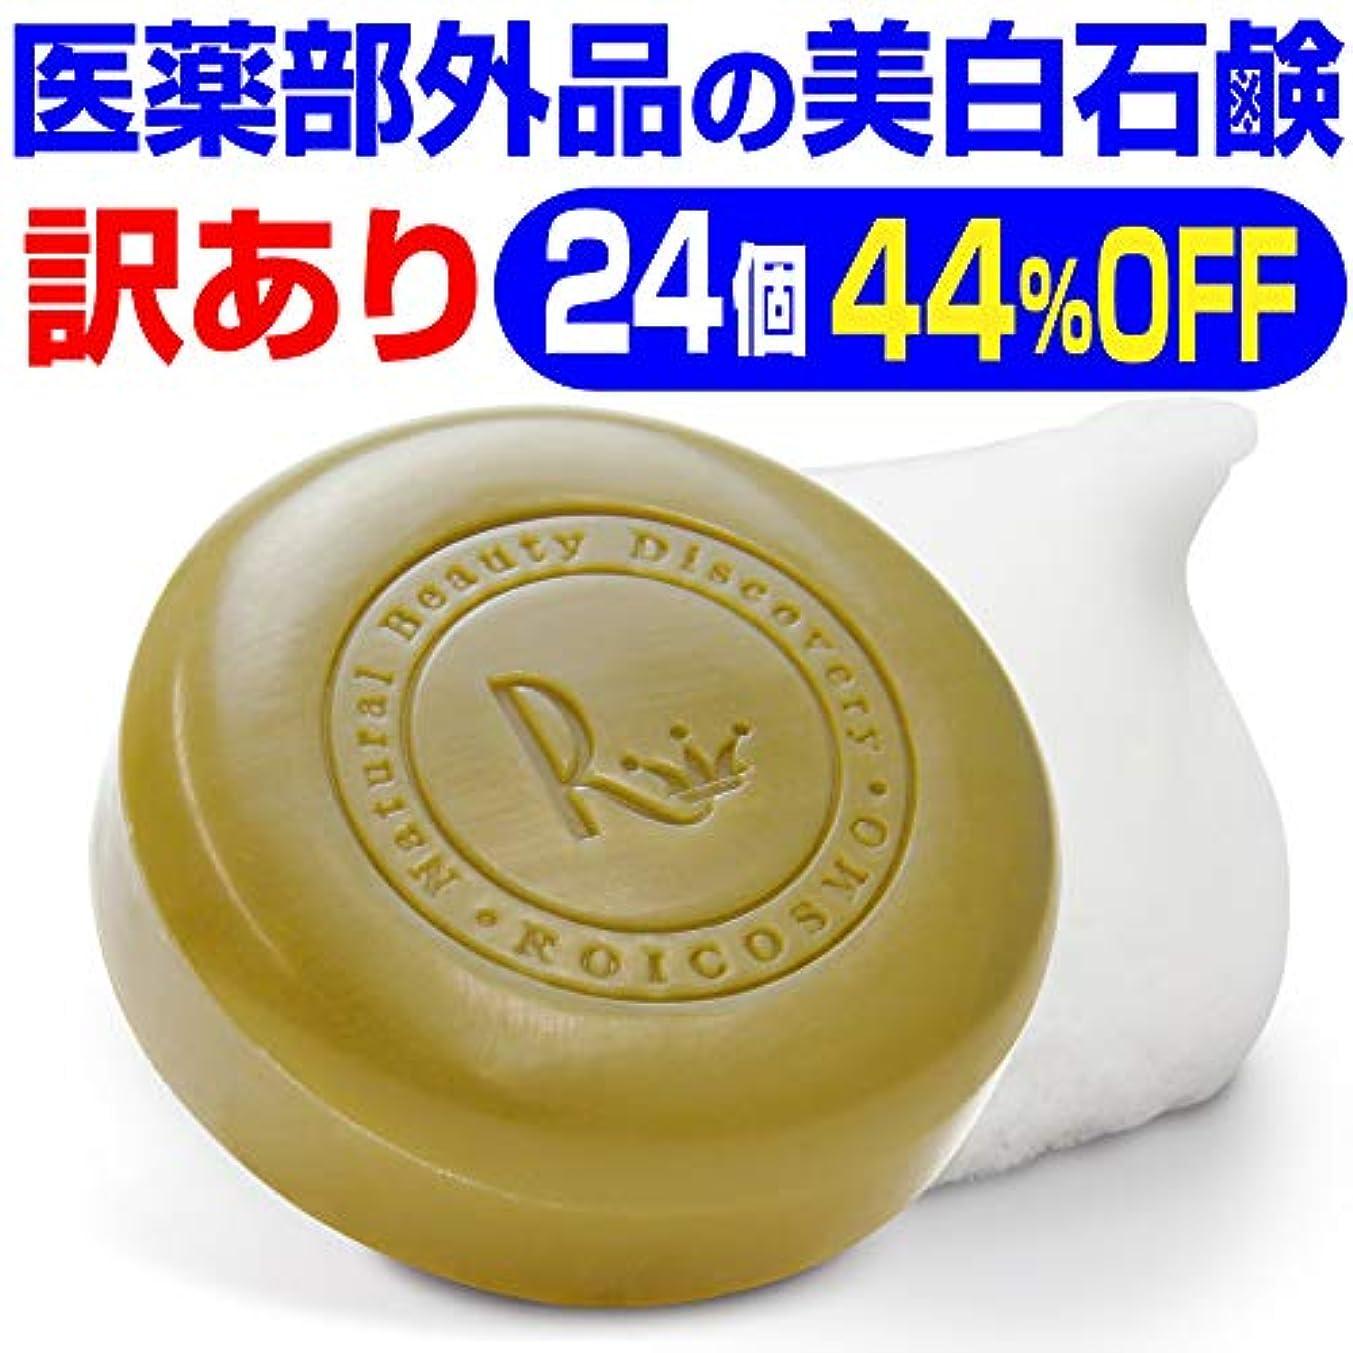 薬用ハンドブック微妙訳あり44%OFF(1個2,143円)売切れ御免 ビタミンC270倍の美白成分の 洗顔石鹸『ホワイトソープ100g×24個』